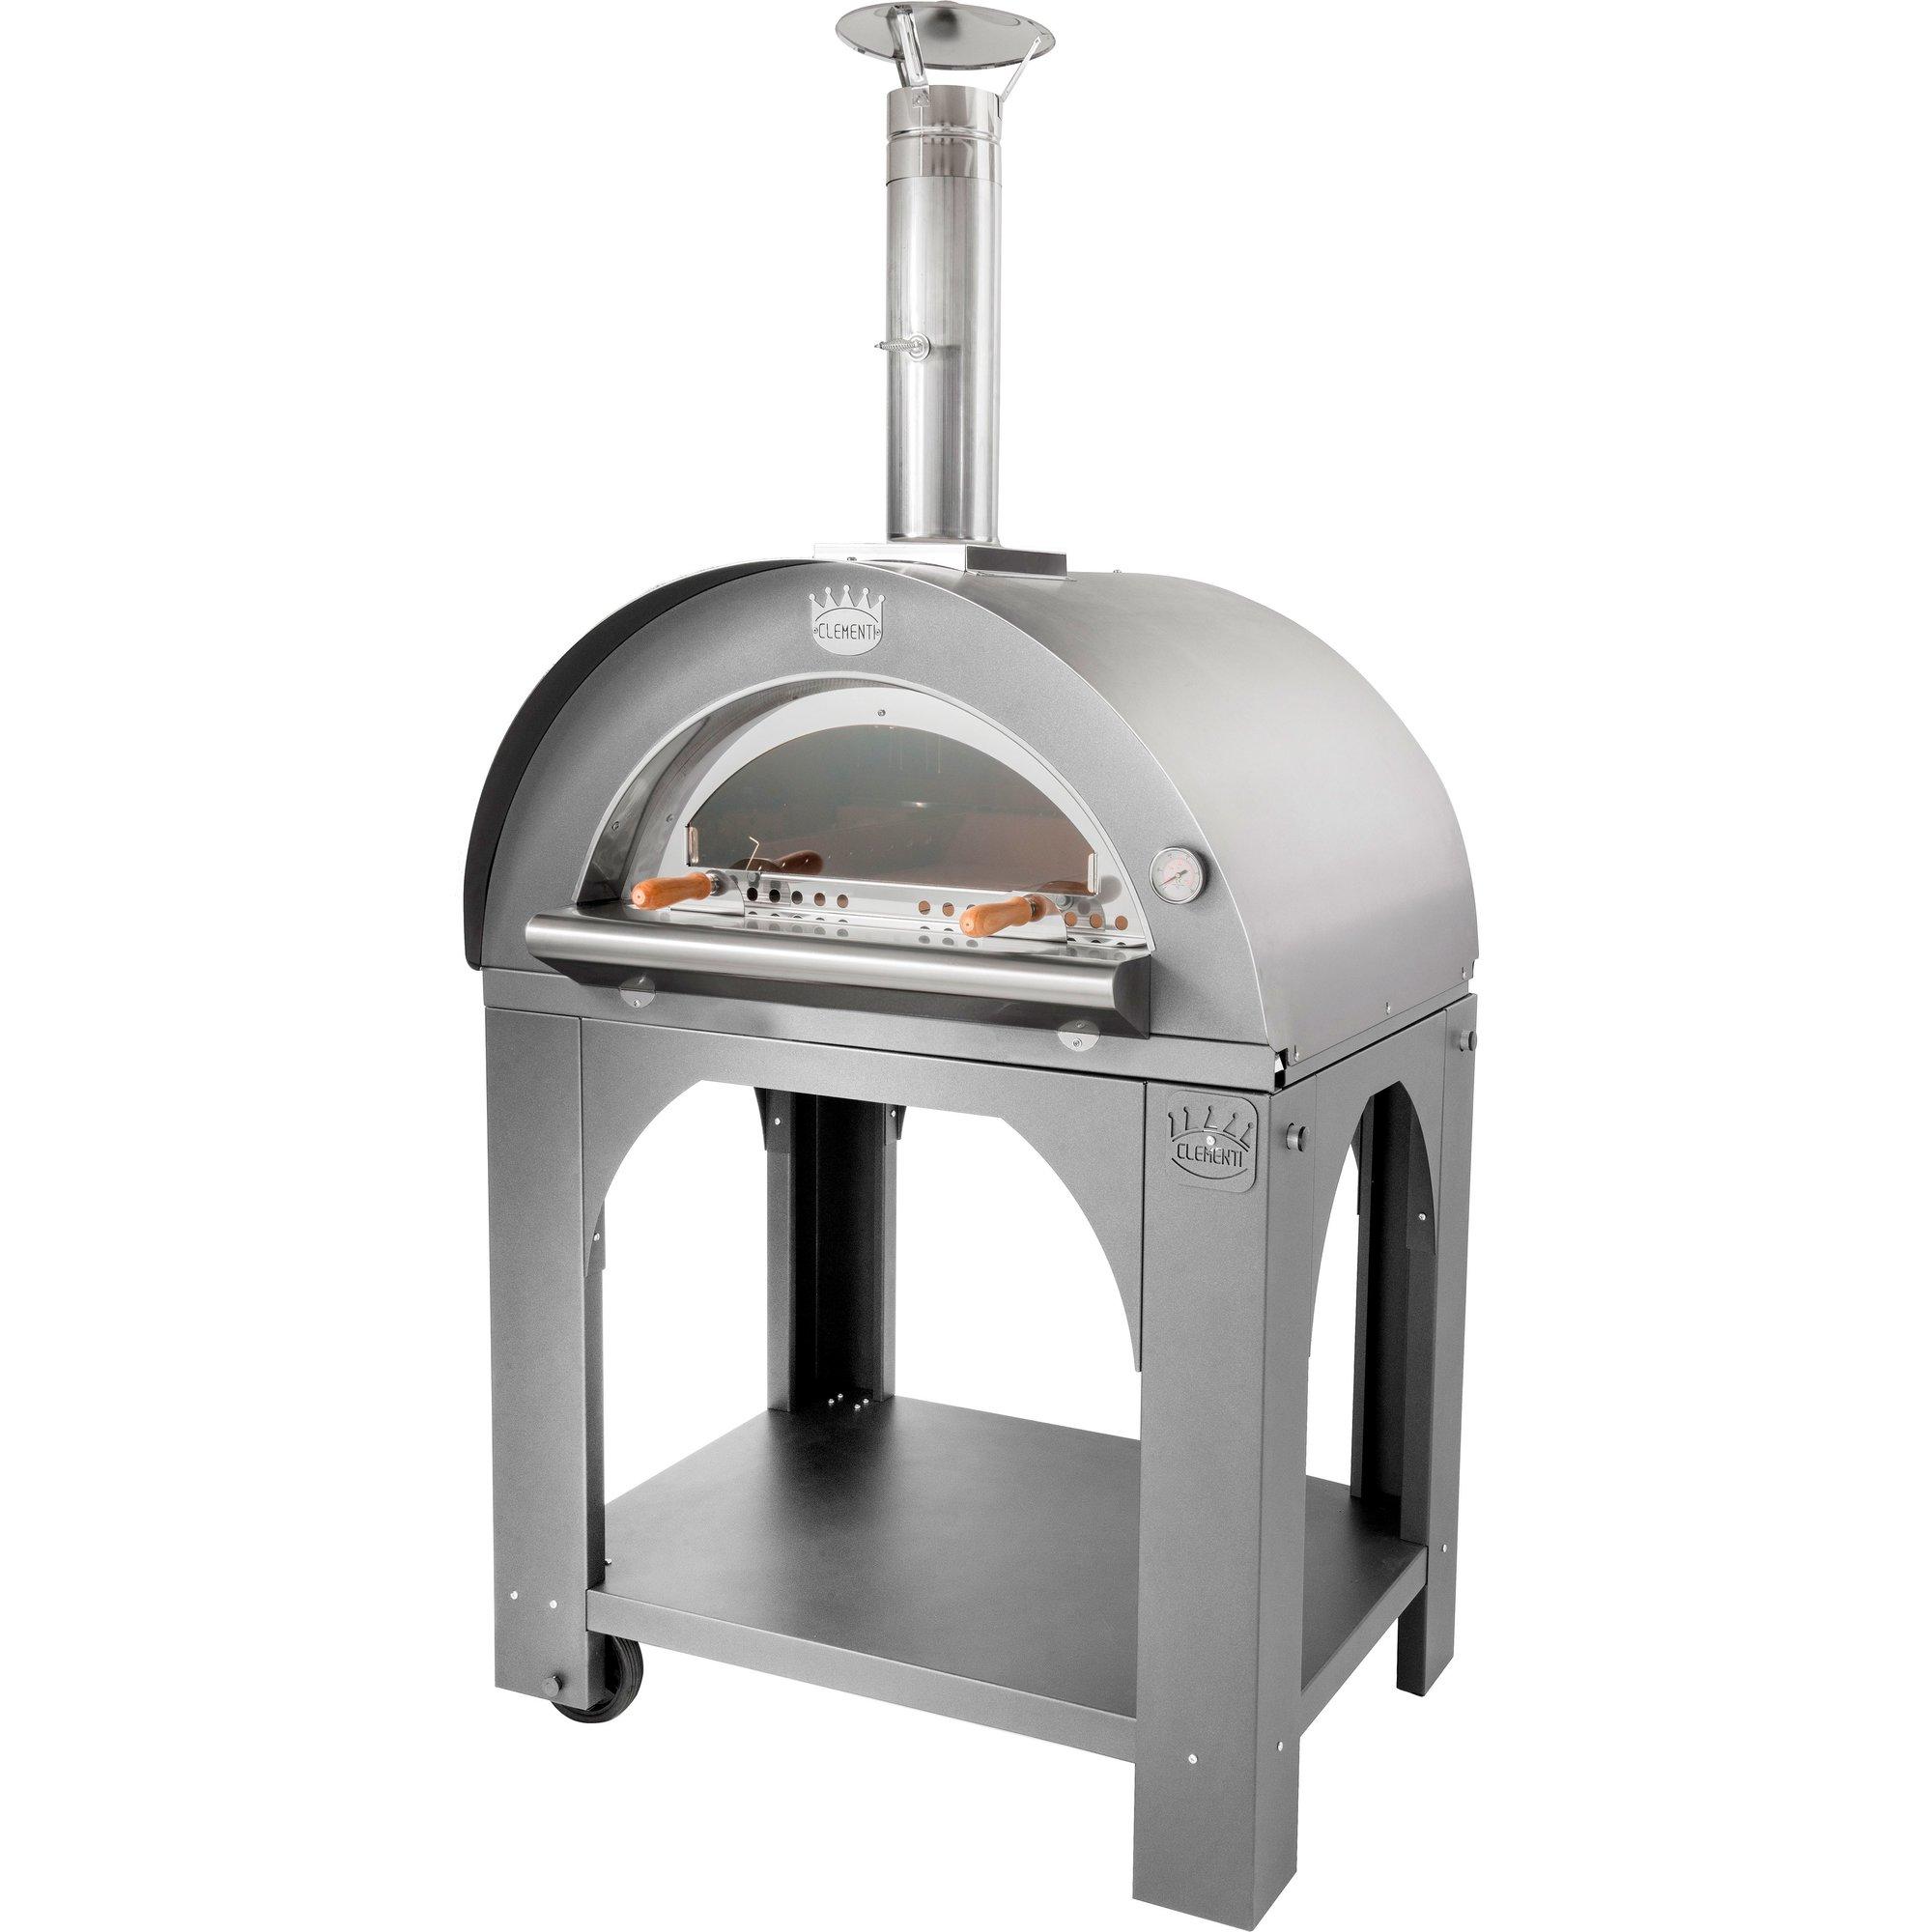 Clementi Pulcinella Vedeldad Pizzaugn 100×80 cm. Rostfritt stål